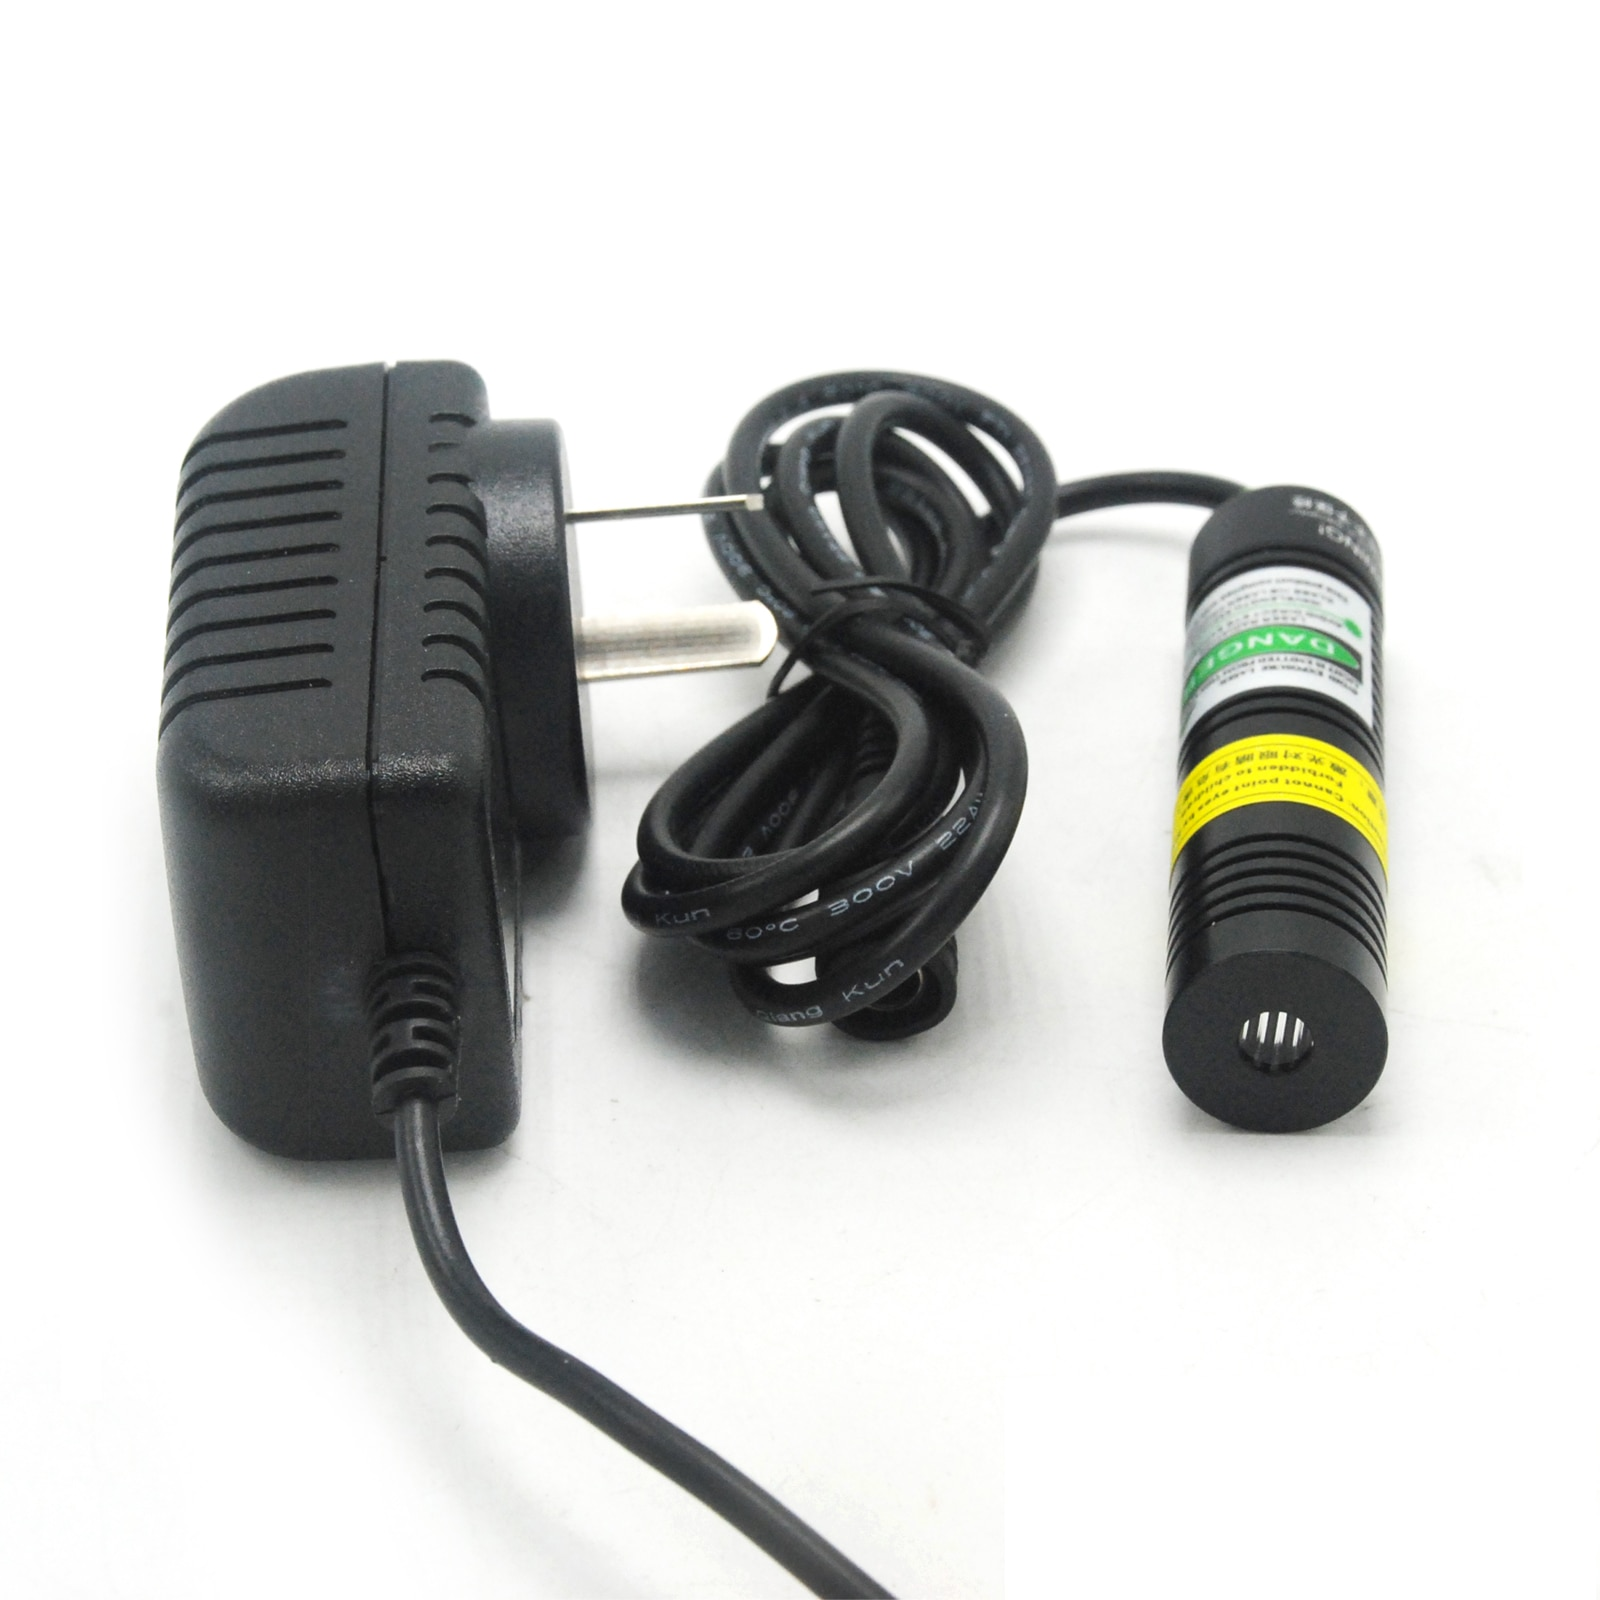 Зеленый лазер диод модуль точка +% 2F линия форма 532 нм 50 мВт 3-5 В 18x75 мм с адаптером переменного тока +